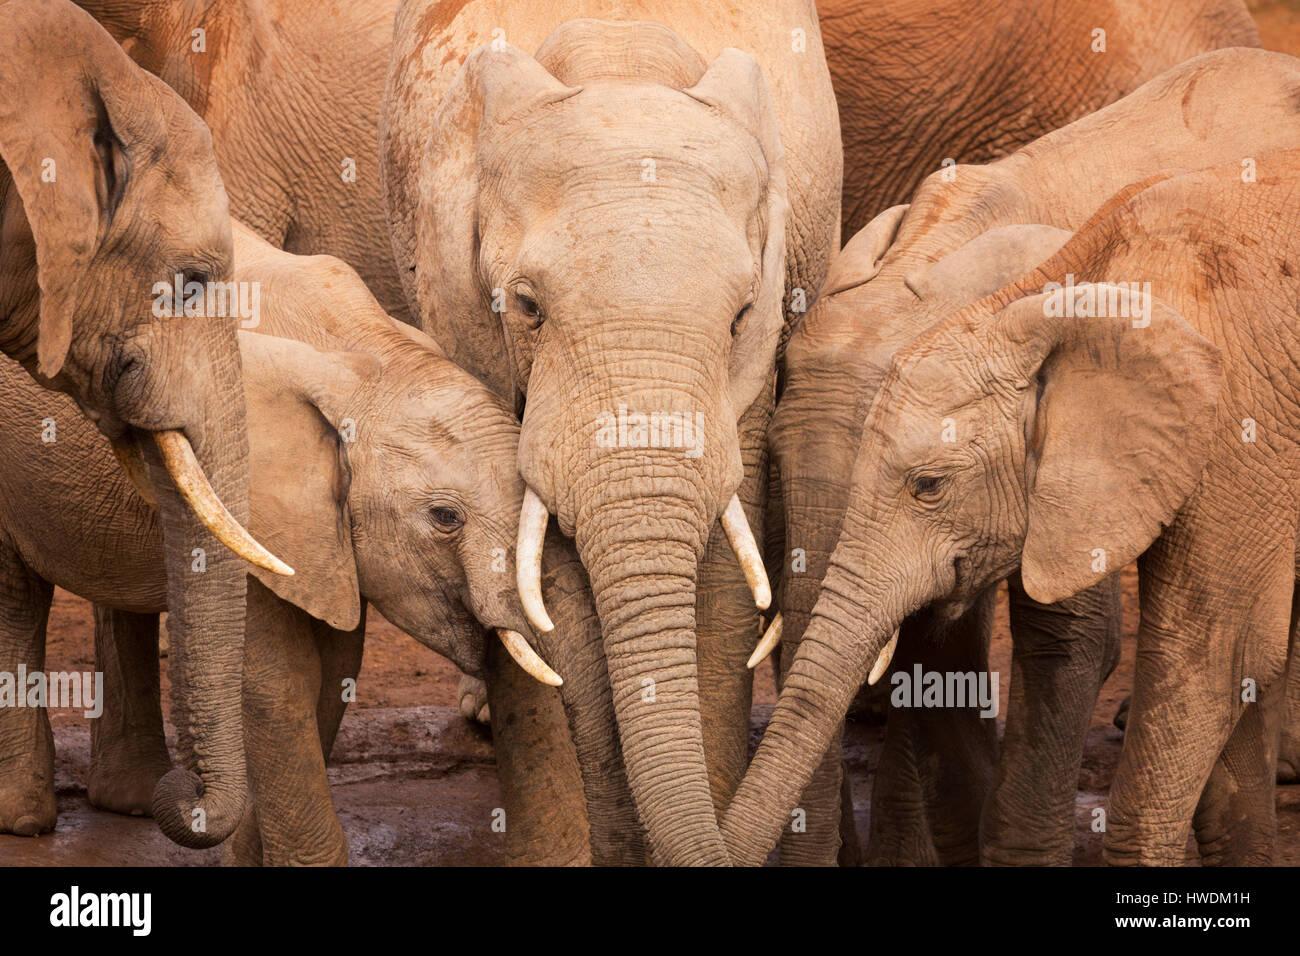 Un troupeau d'éléphants à un étang à Addo Elephant National Park, Afrique du Sud. Banque D'Images